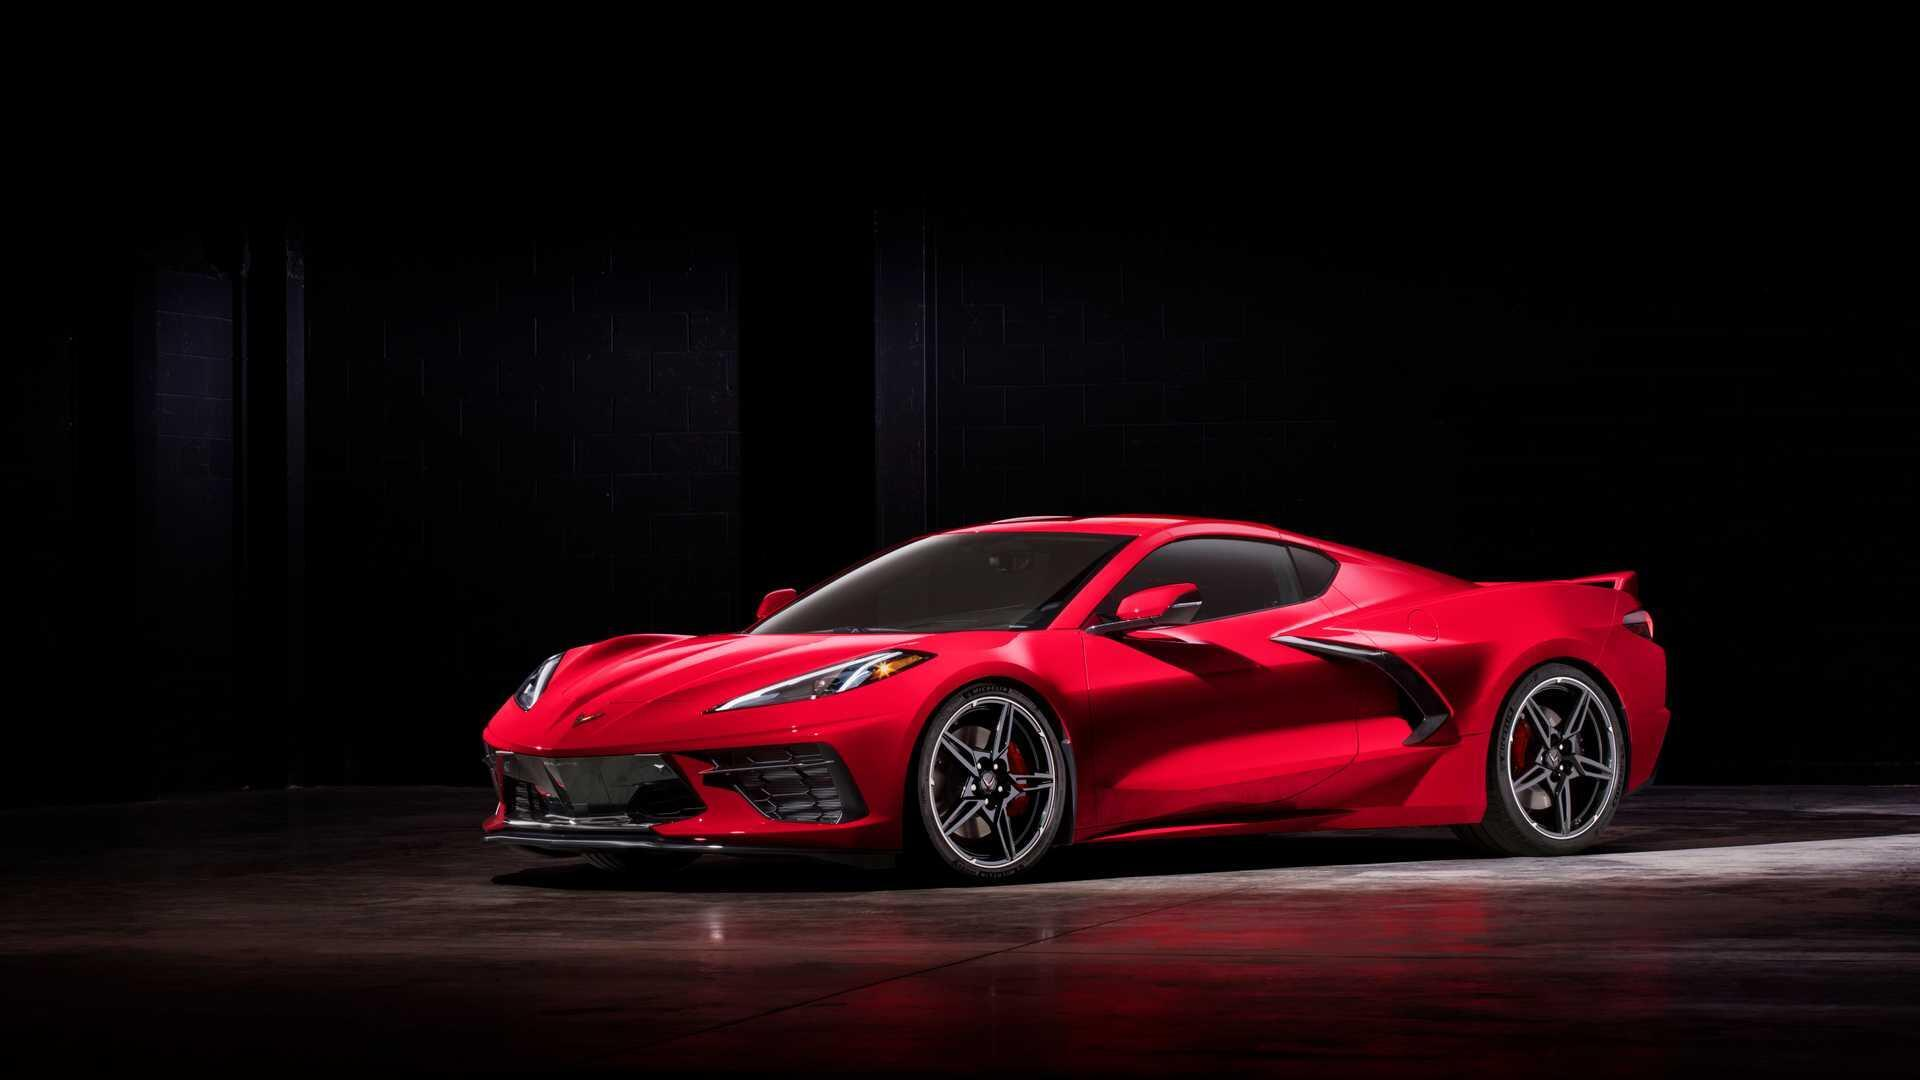 https://cdn.dailyxe.com.vn/image/chevrolet-corvette-2020-co-mot-so-tinh-nang-an-tuyet-voi-54-94549j2.jpg